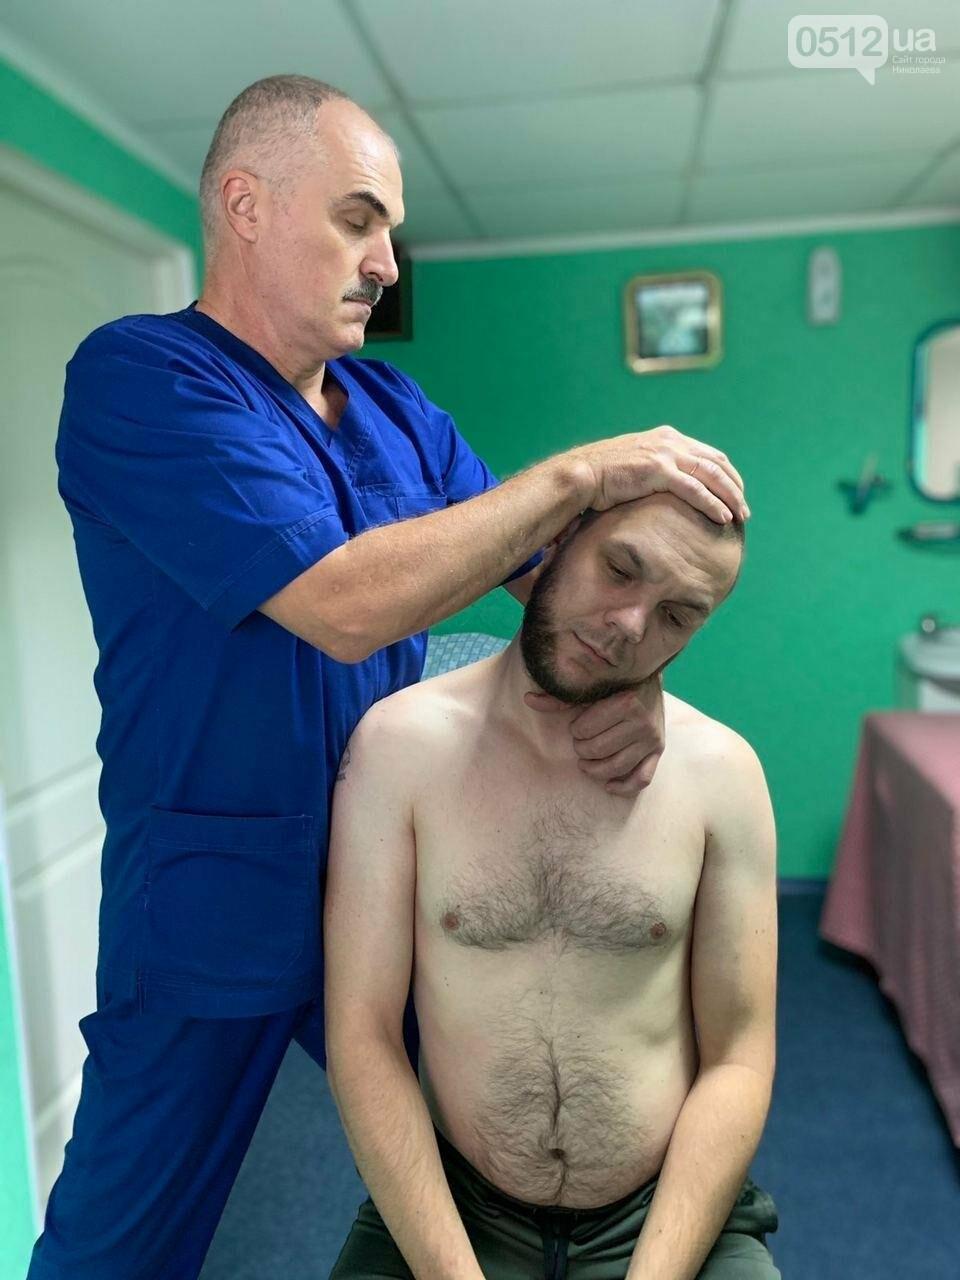 Забудьте о болях в спине: качественные услуги мануального терапевта в Николаеве, фото-8